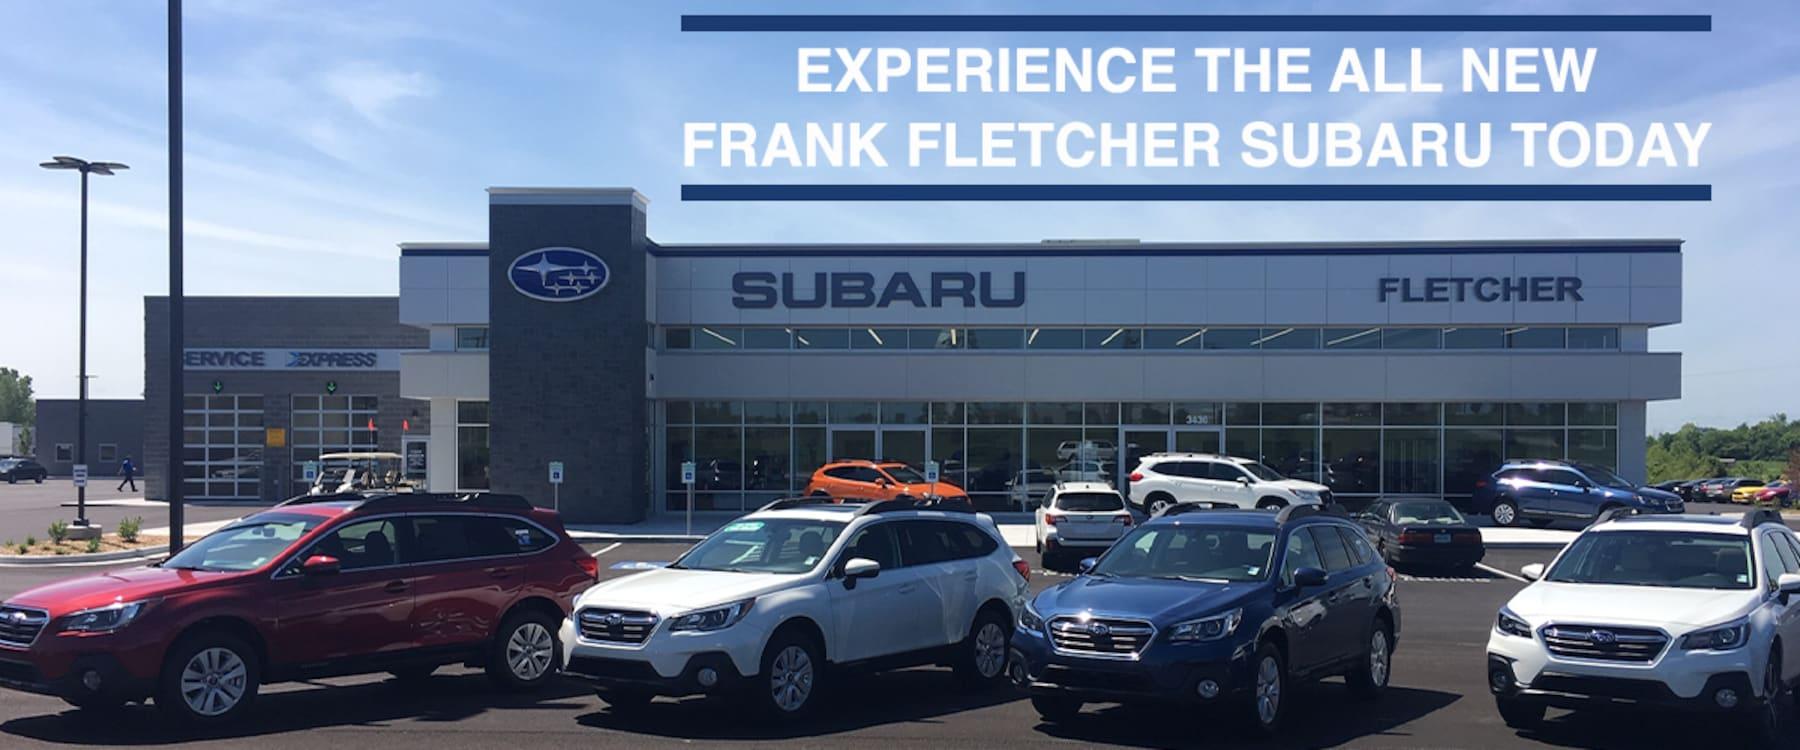 Subaru Dealership Kansas City >> Frank Fletcher Subaru New 2019 2020 Subaru Used Car Dealer In